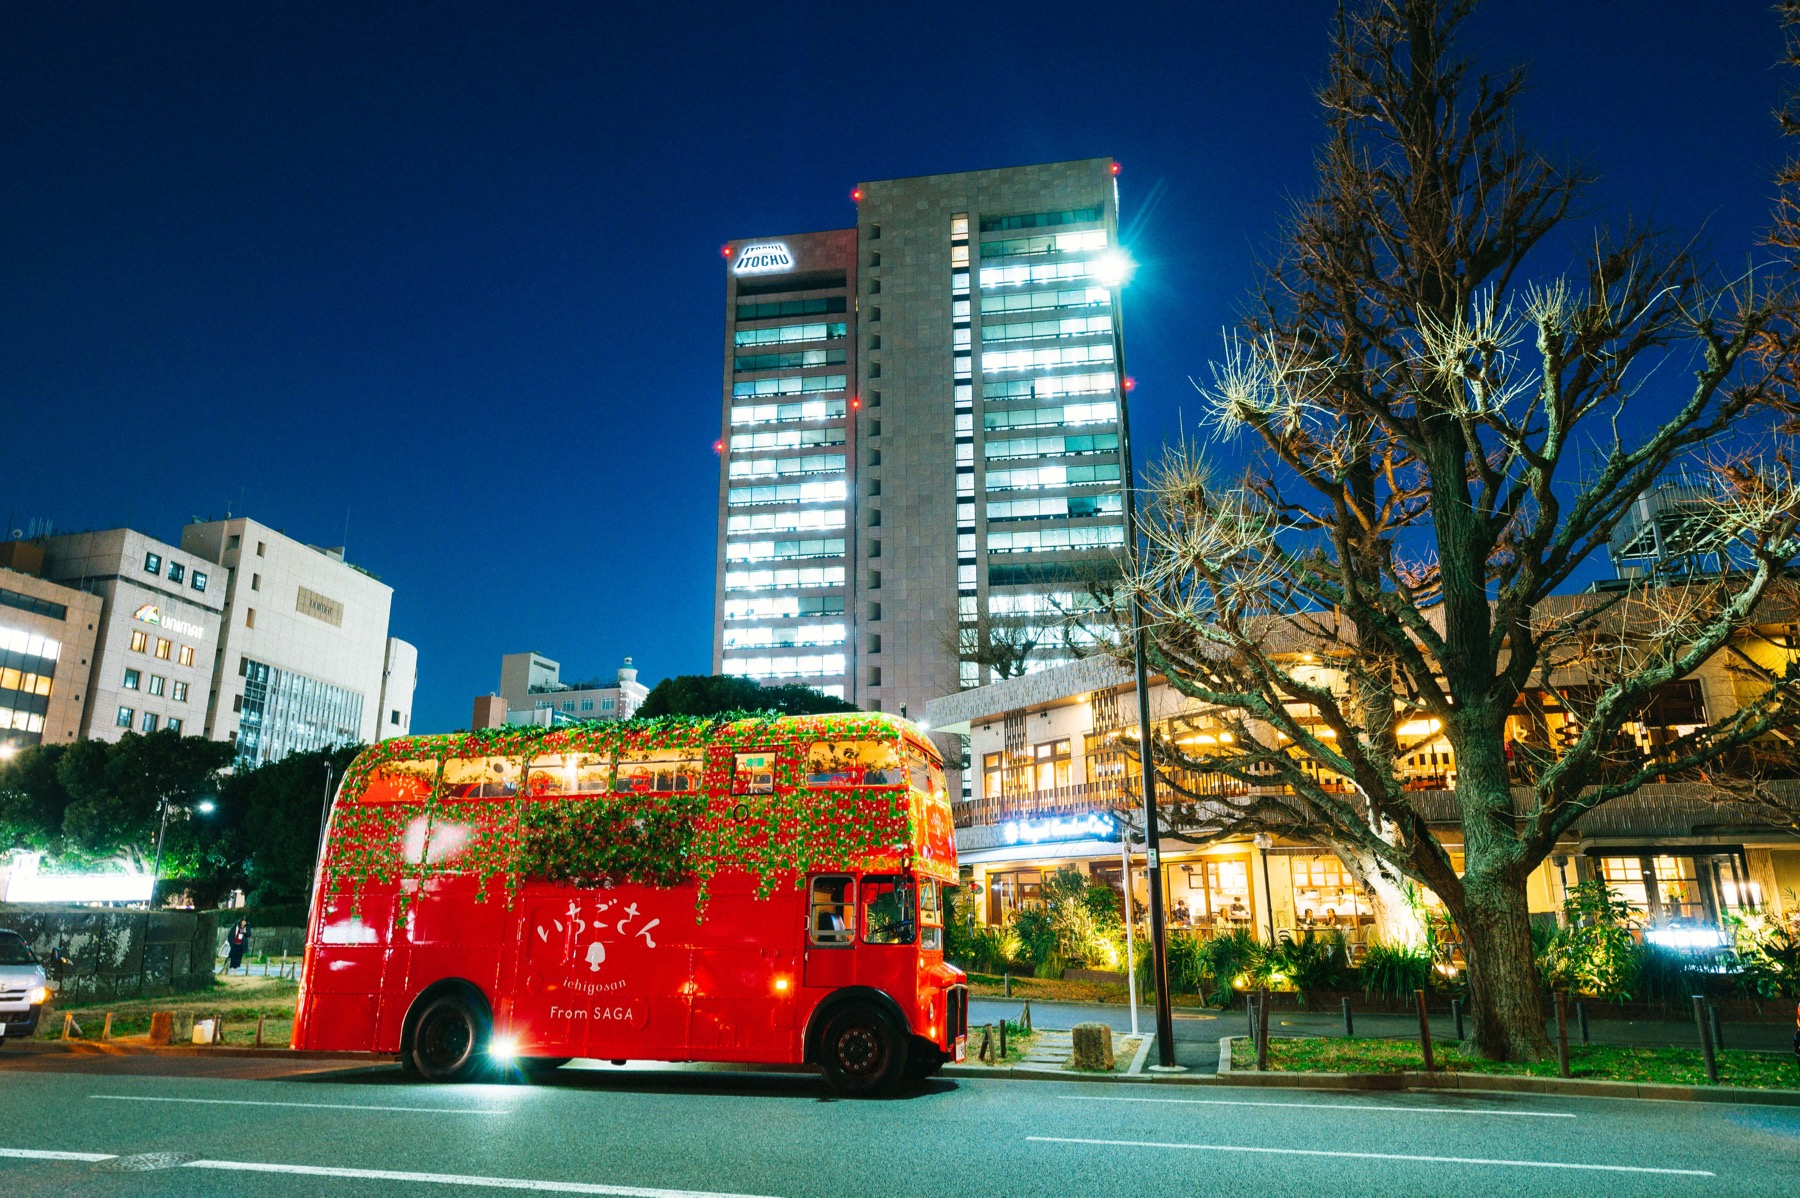 200114_いちごさんバス_sct16 - 5 / 20